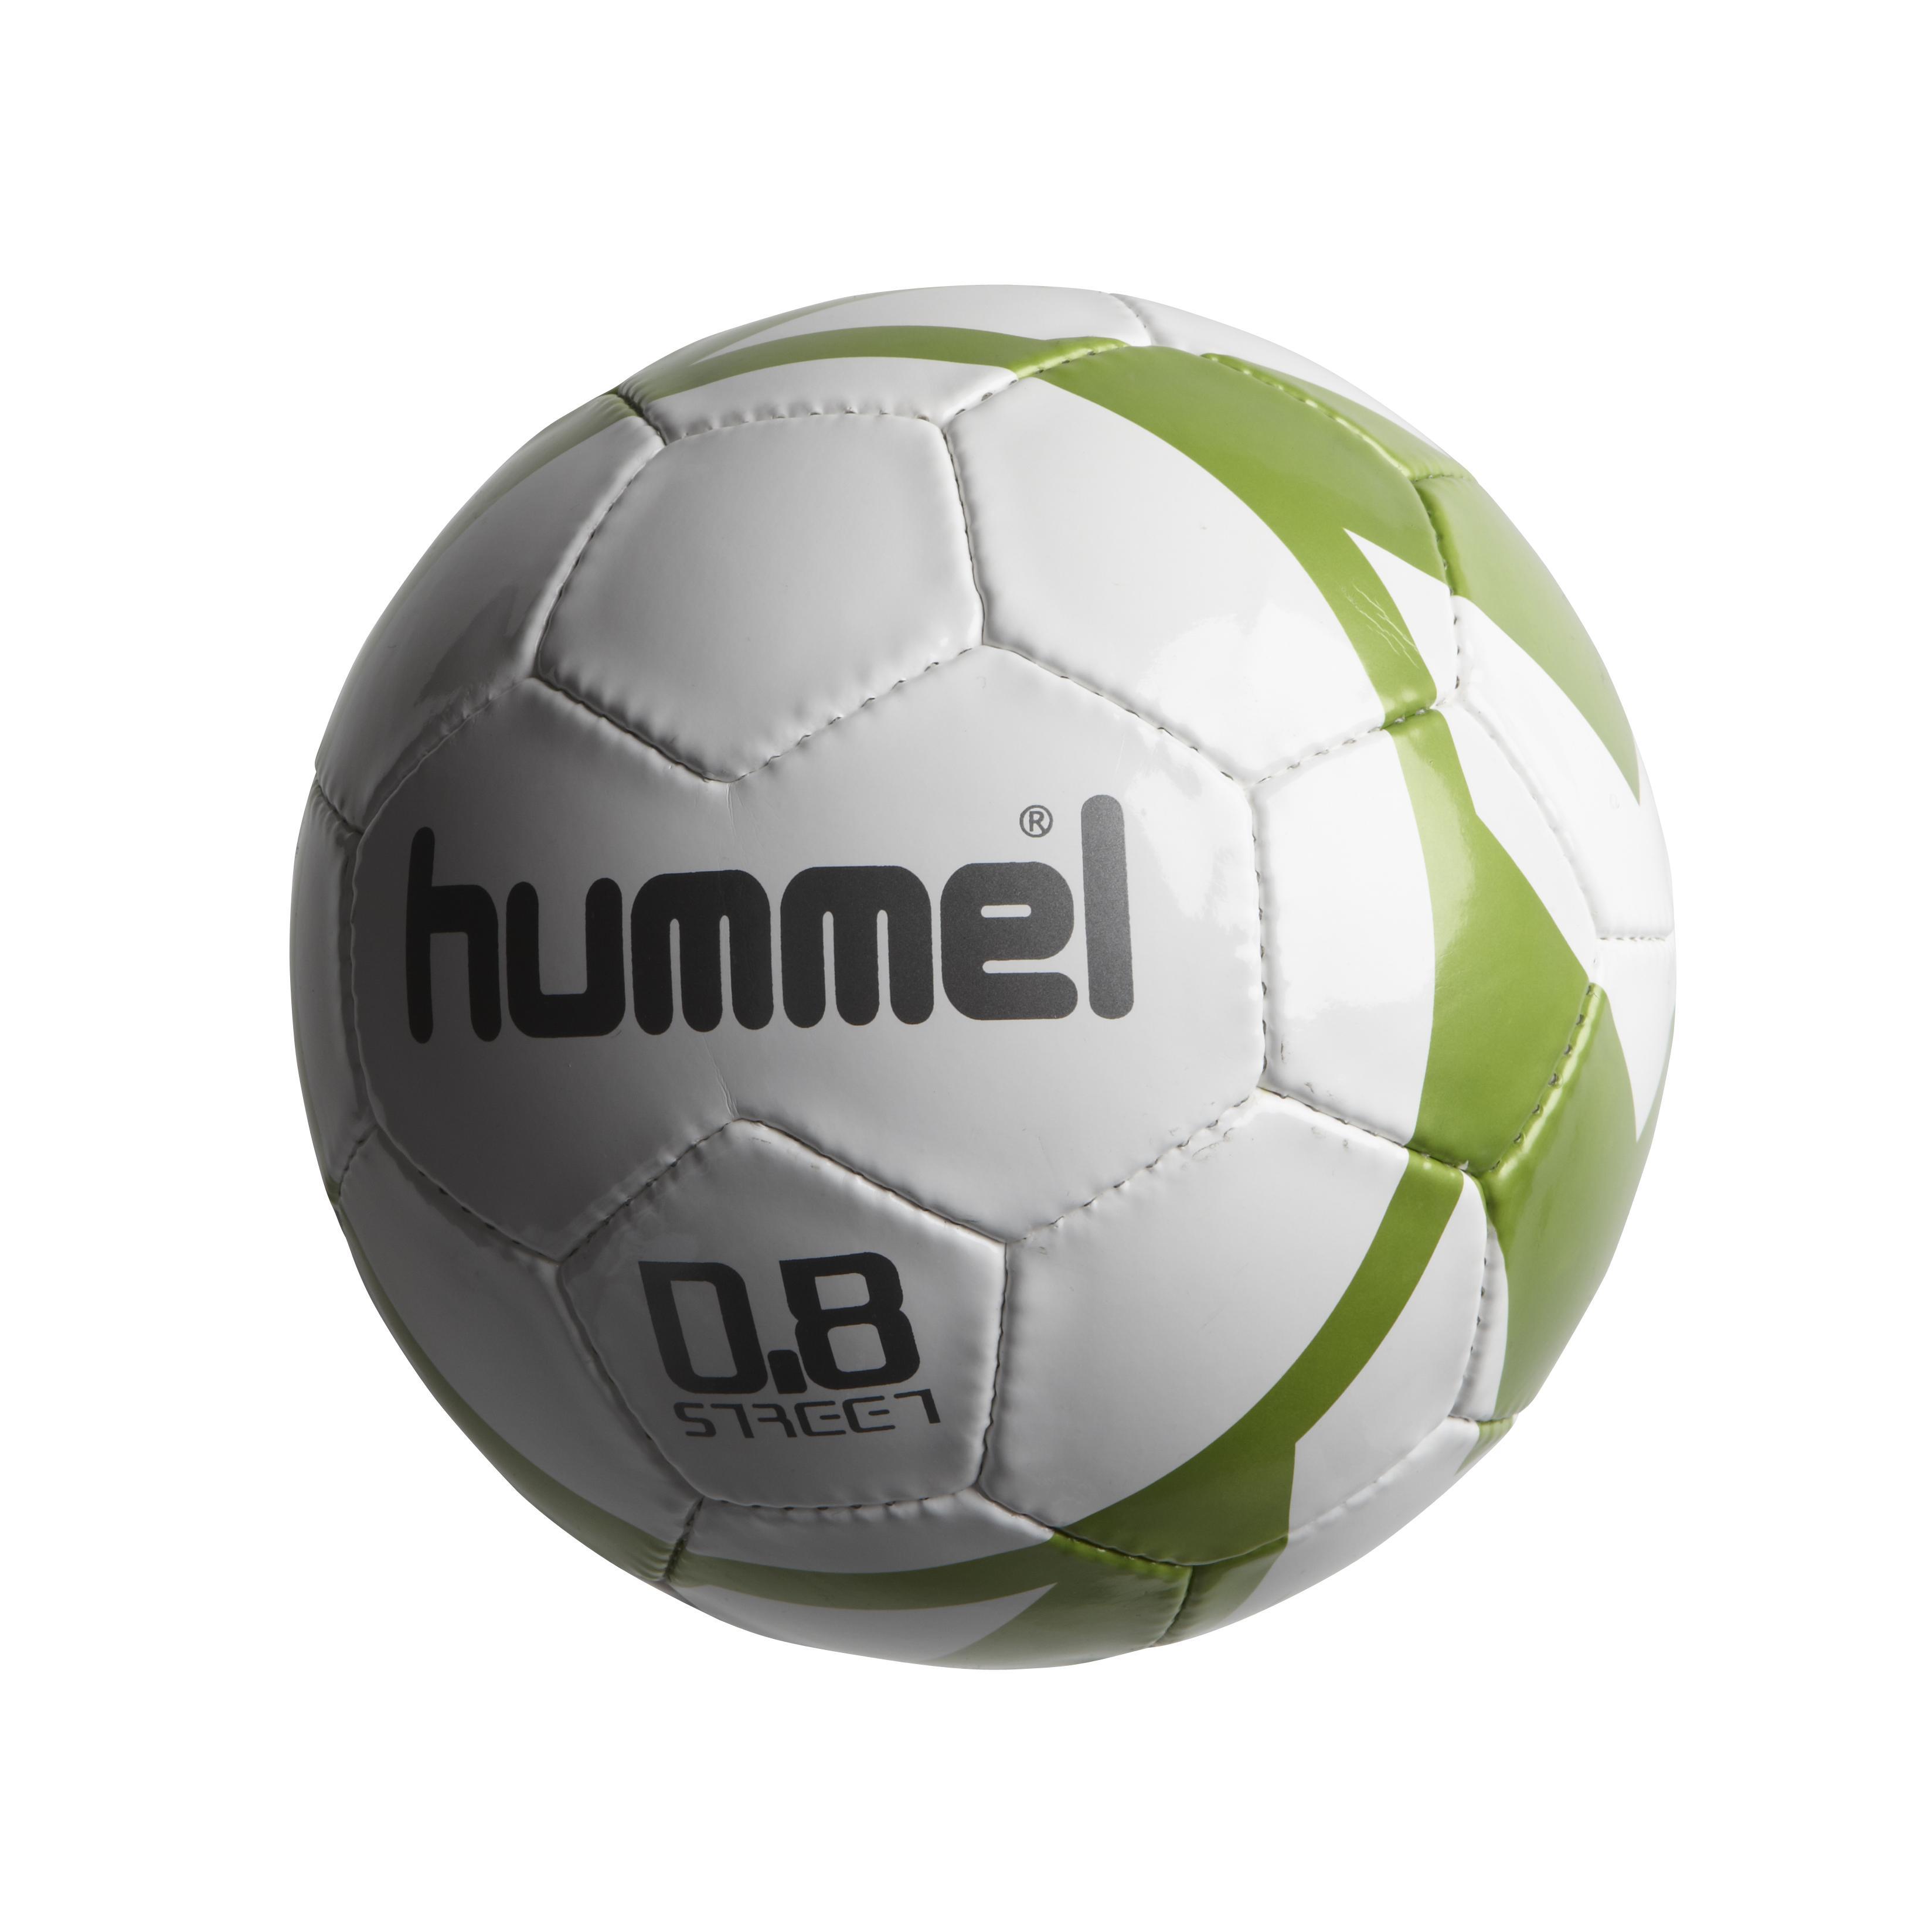 Hummel Fotboll 0.8 Street Vit/Grön